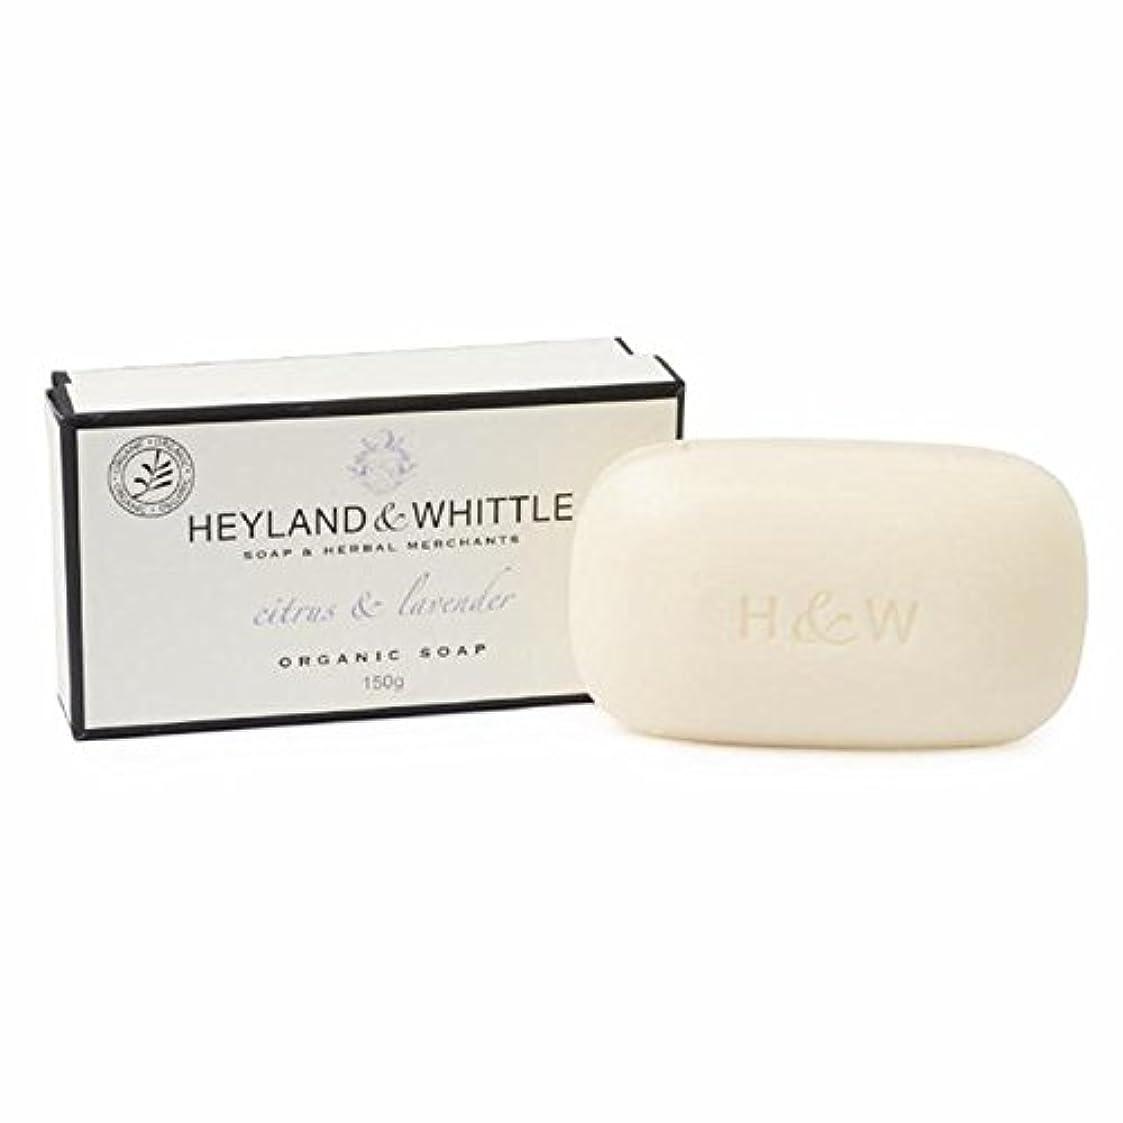 笑作るひねくれたHeyland & Whittle Citrus & Lavender Boxed Organic Soap 150g (Pack of 6) - &削るシトラス&ラベンダーは、有機石鹸150グラム箱入り x6 [並行輸入品]